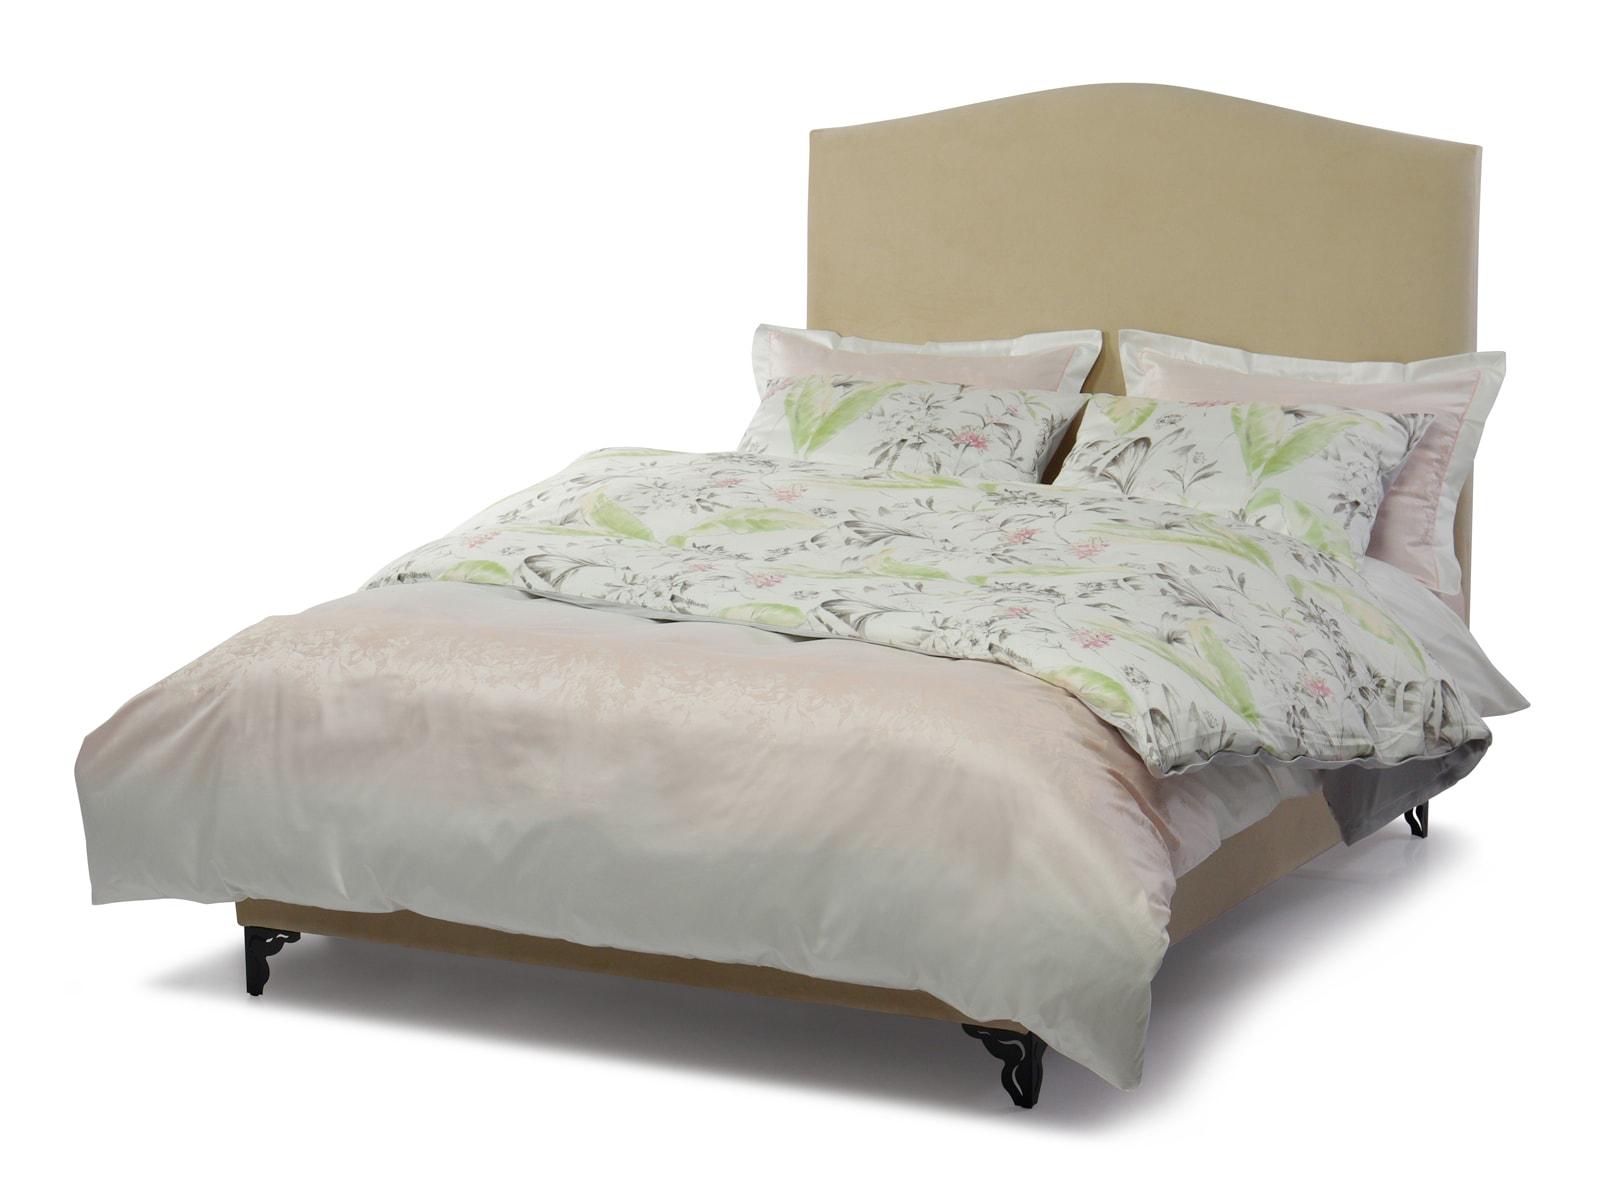 Кровать Chateau бежевого цвета 140х200